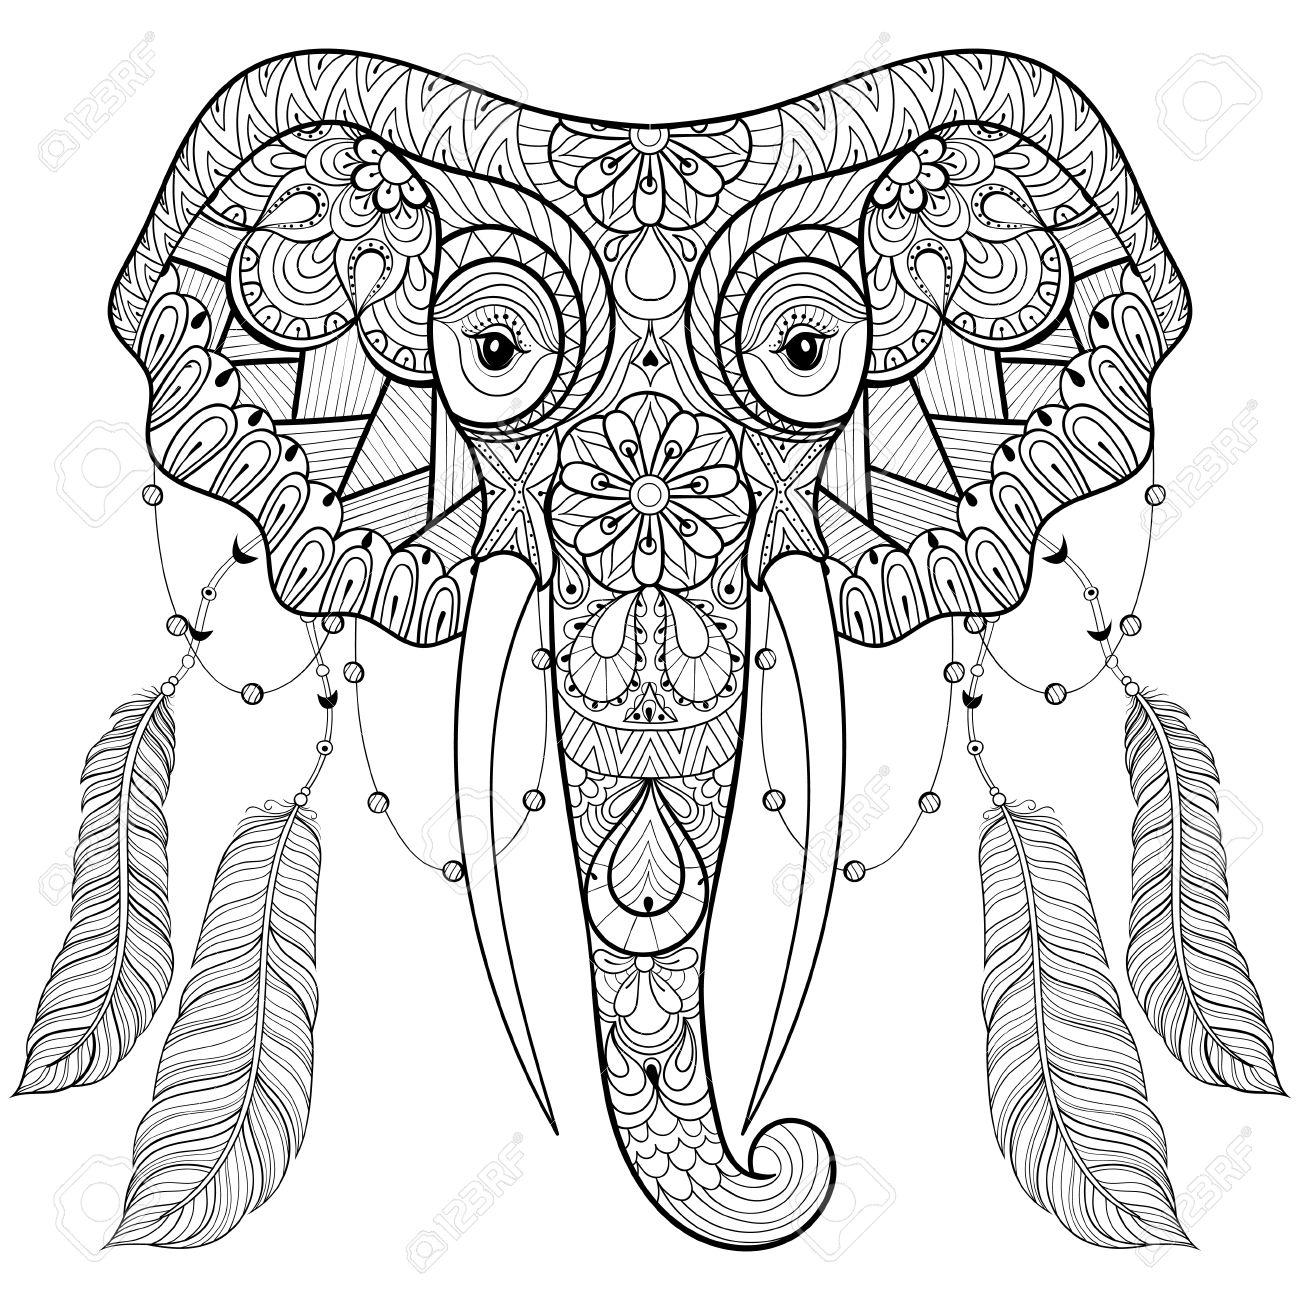 Malvorlagen Erwachsene Elefant Besten Malvorlagen